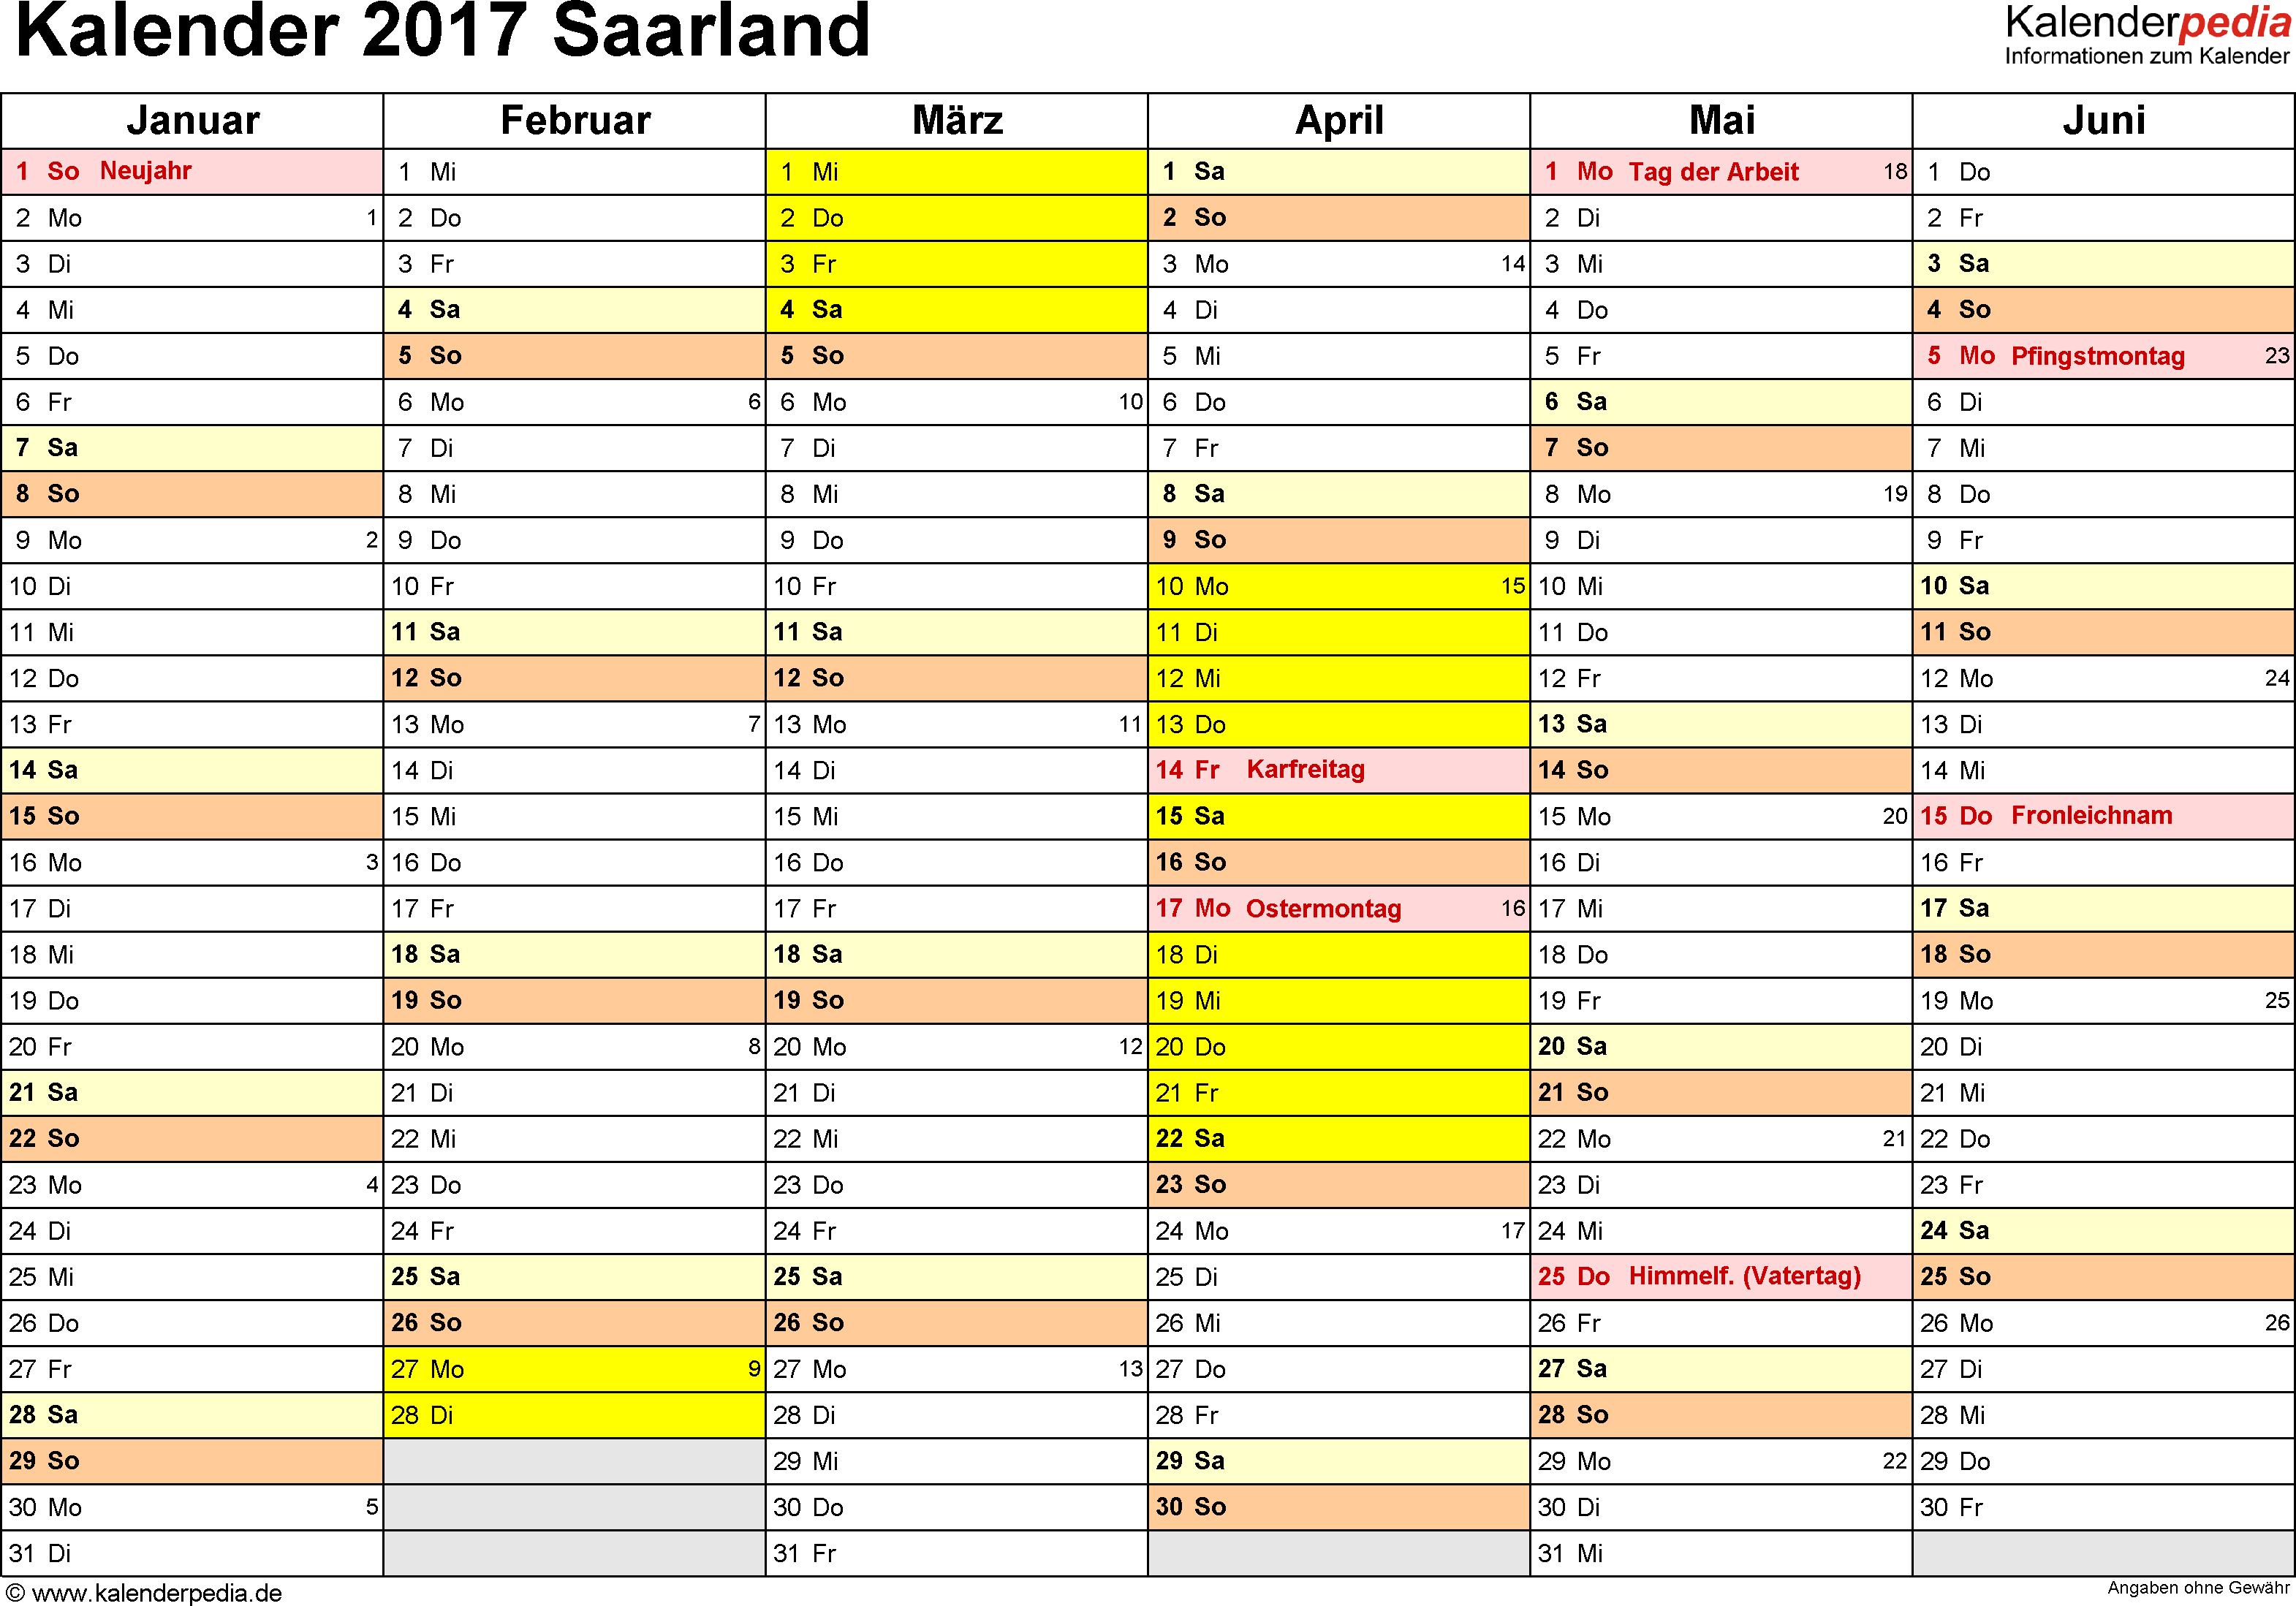 Vorlage 2: Kalender 2017 für Saarland als Excel-Vorlage (Querformat, 2 Seiten)